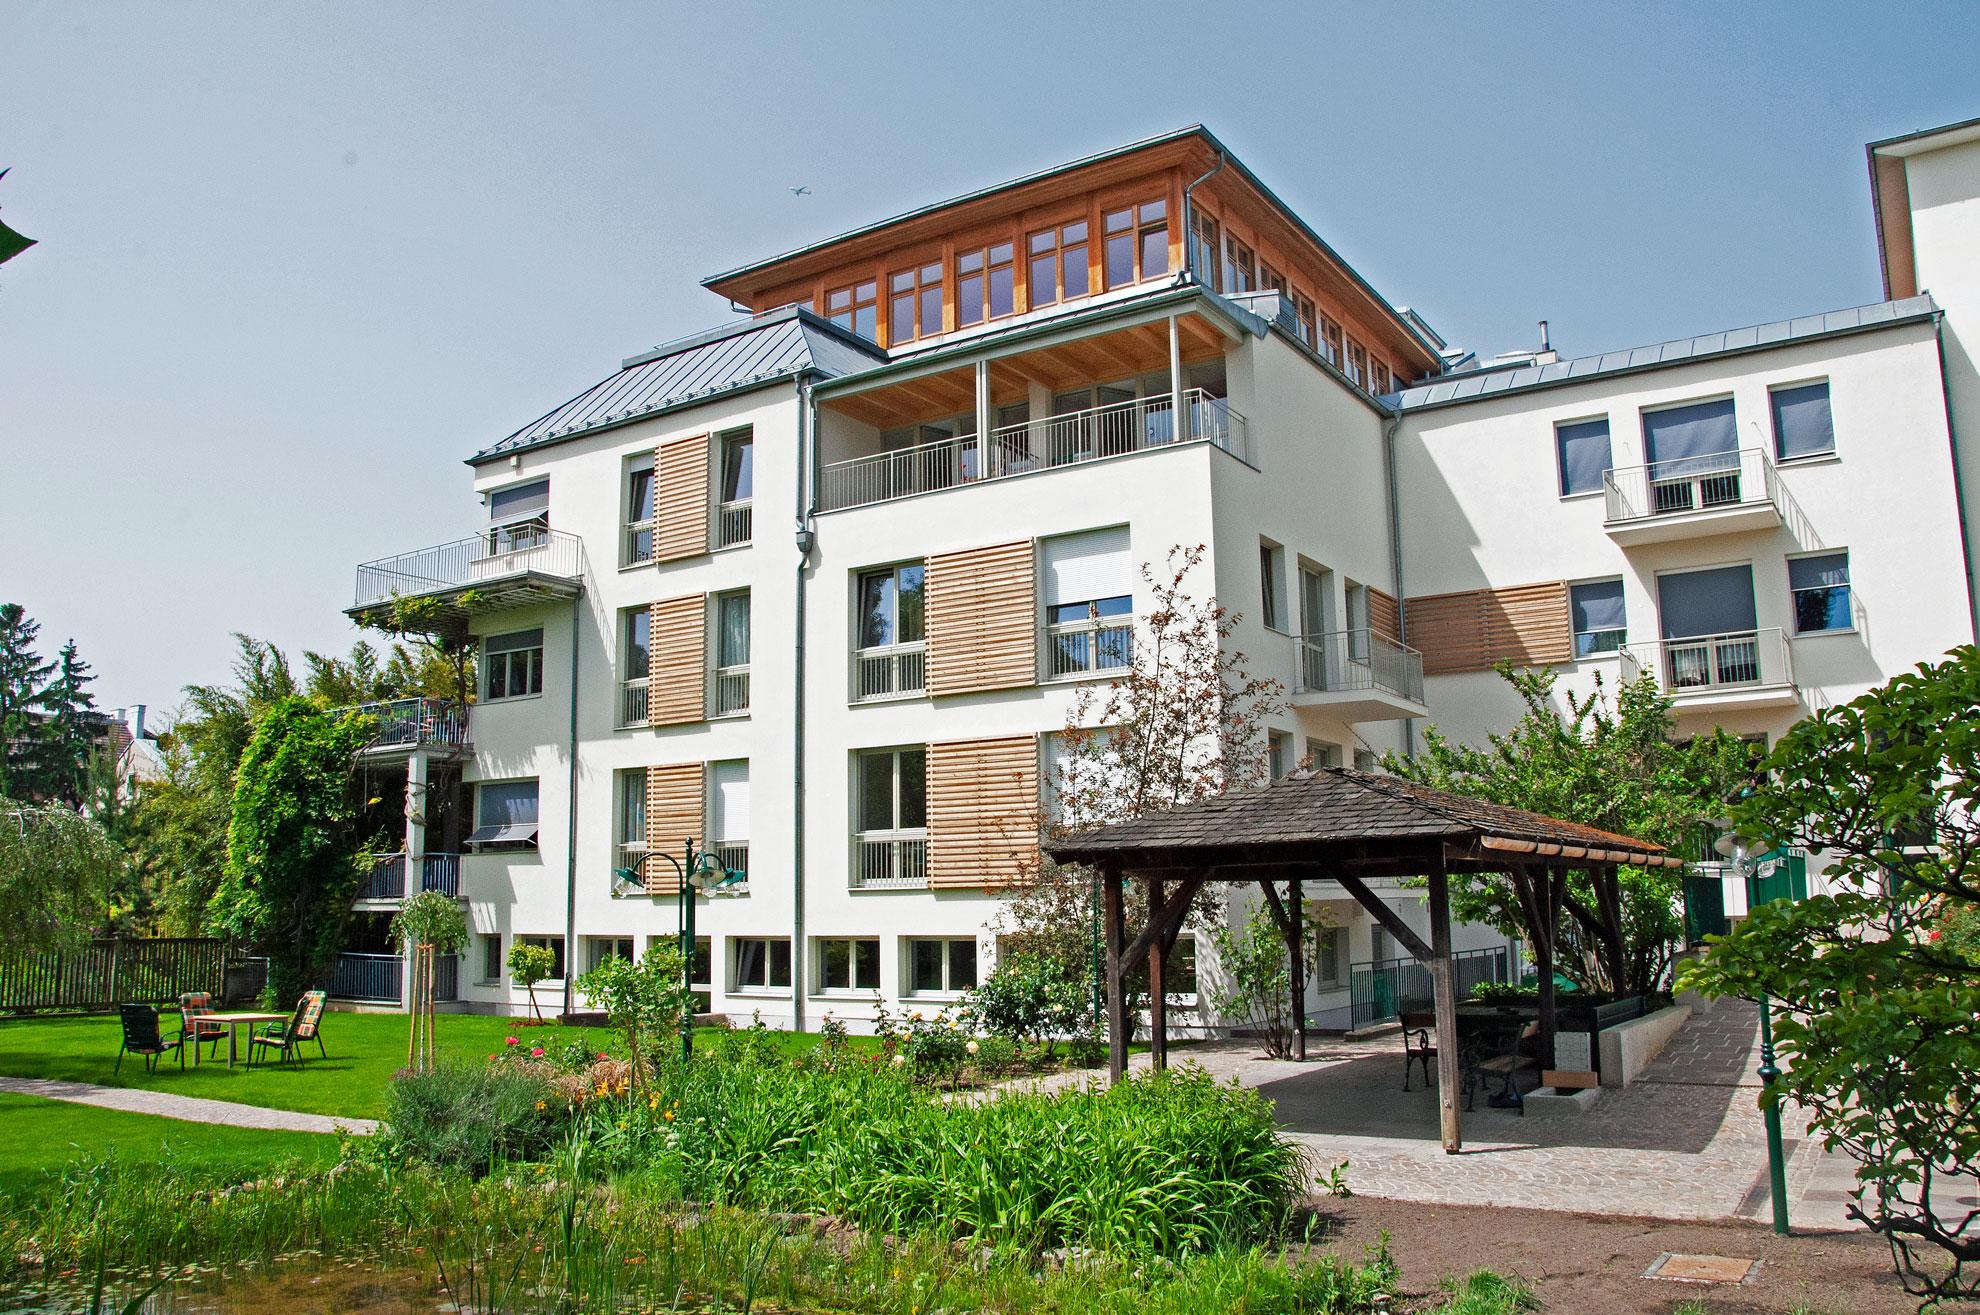 Sanatorium Liebhartstal - Haus und Garten